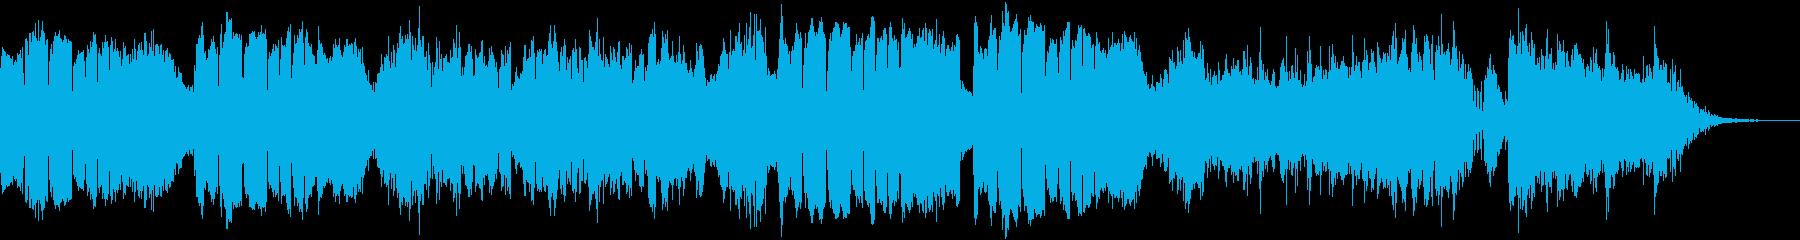 低音の金管楽器による力強いBGM~闘い~の再生済みの波形